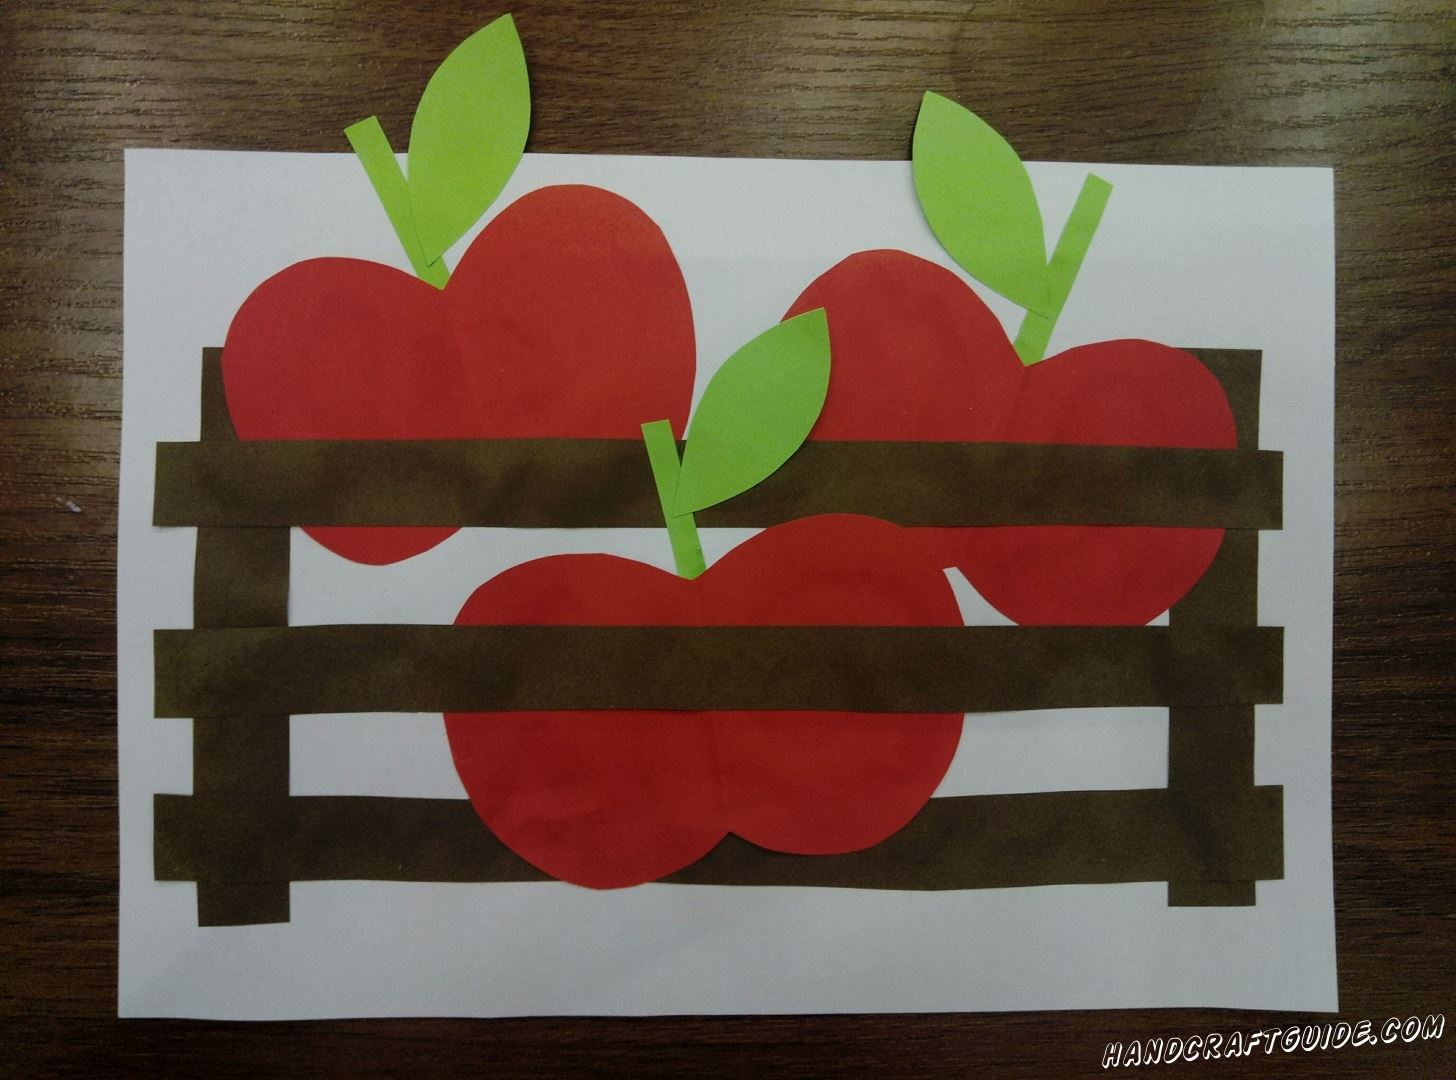 Яблоки в корзине из цветной бумаги, специально для вас!